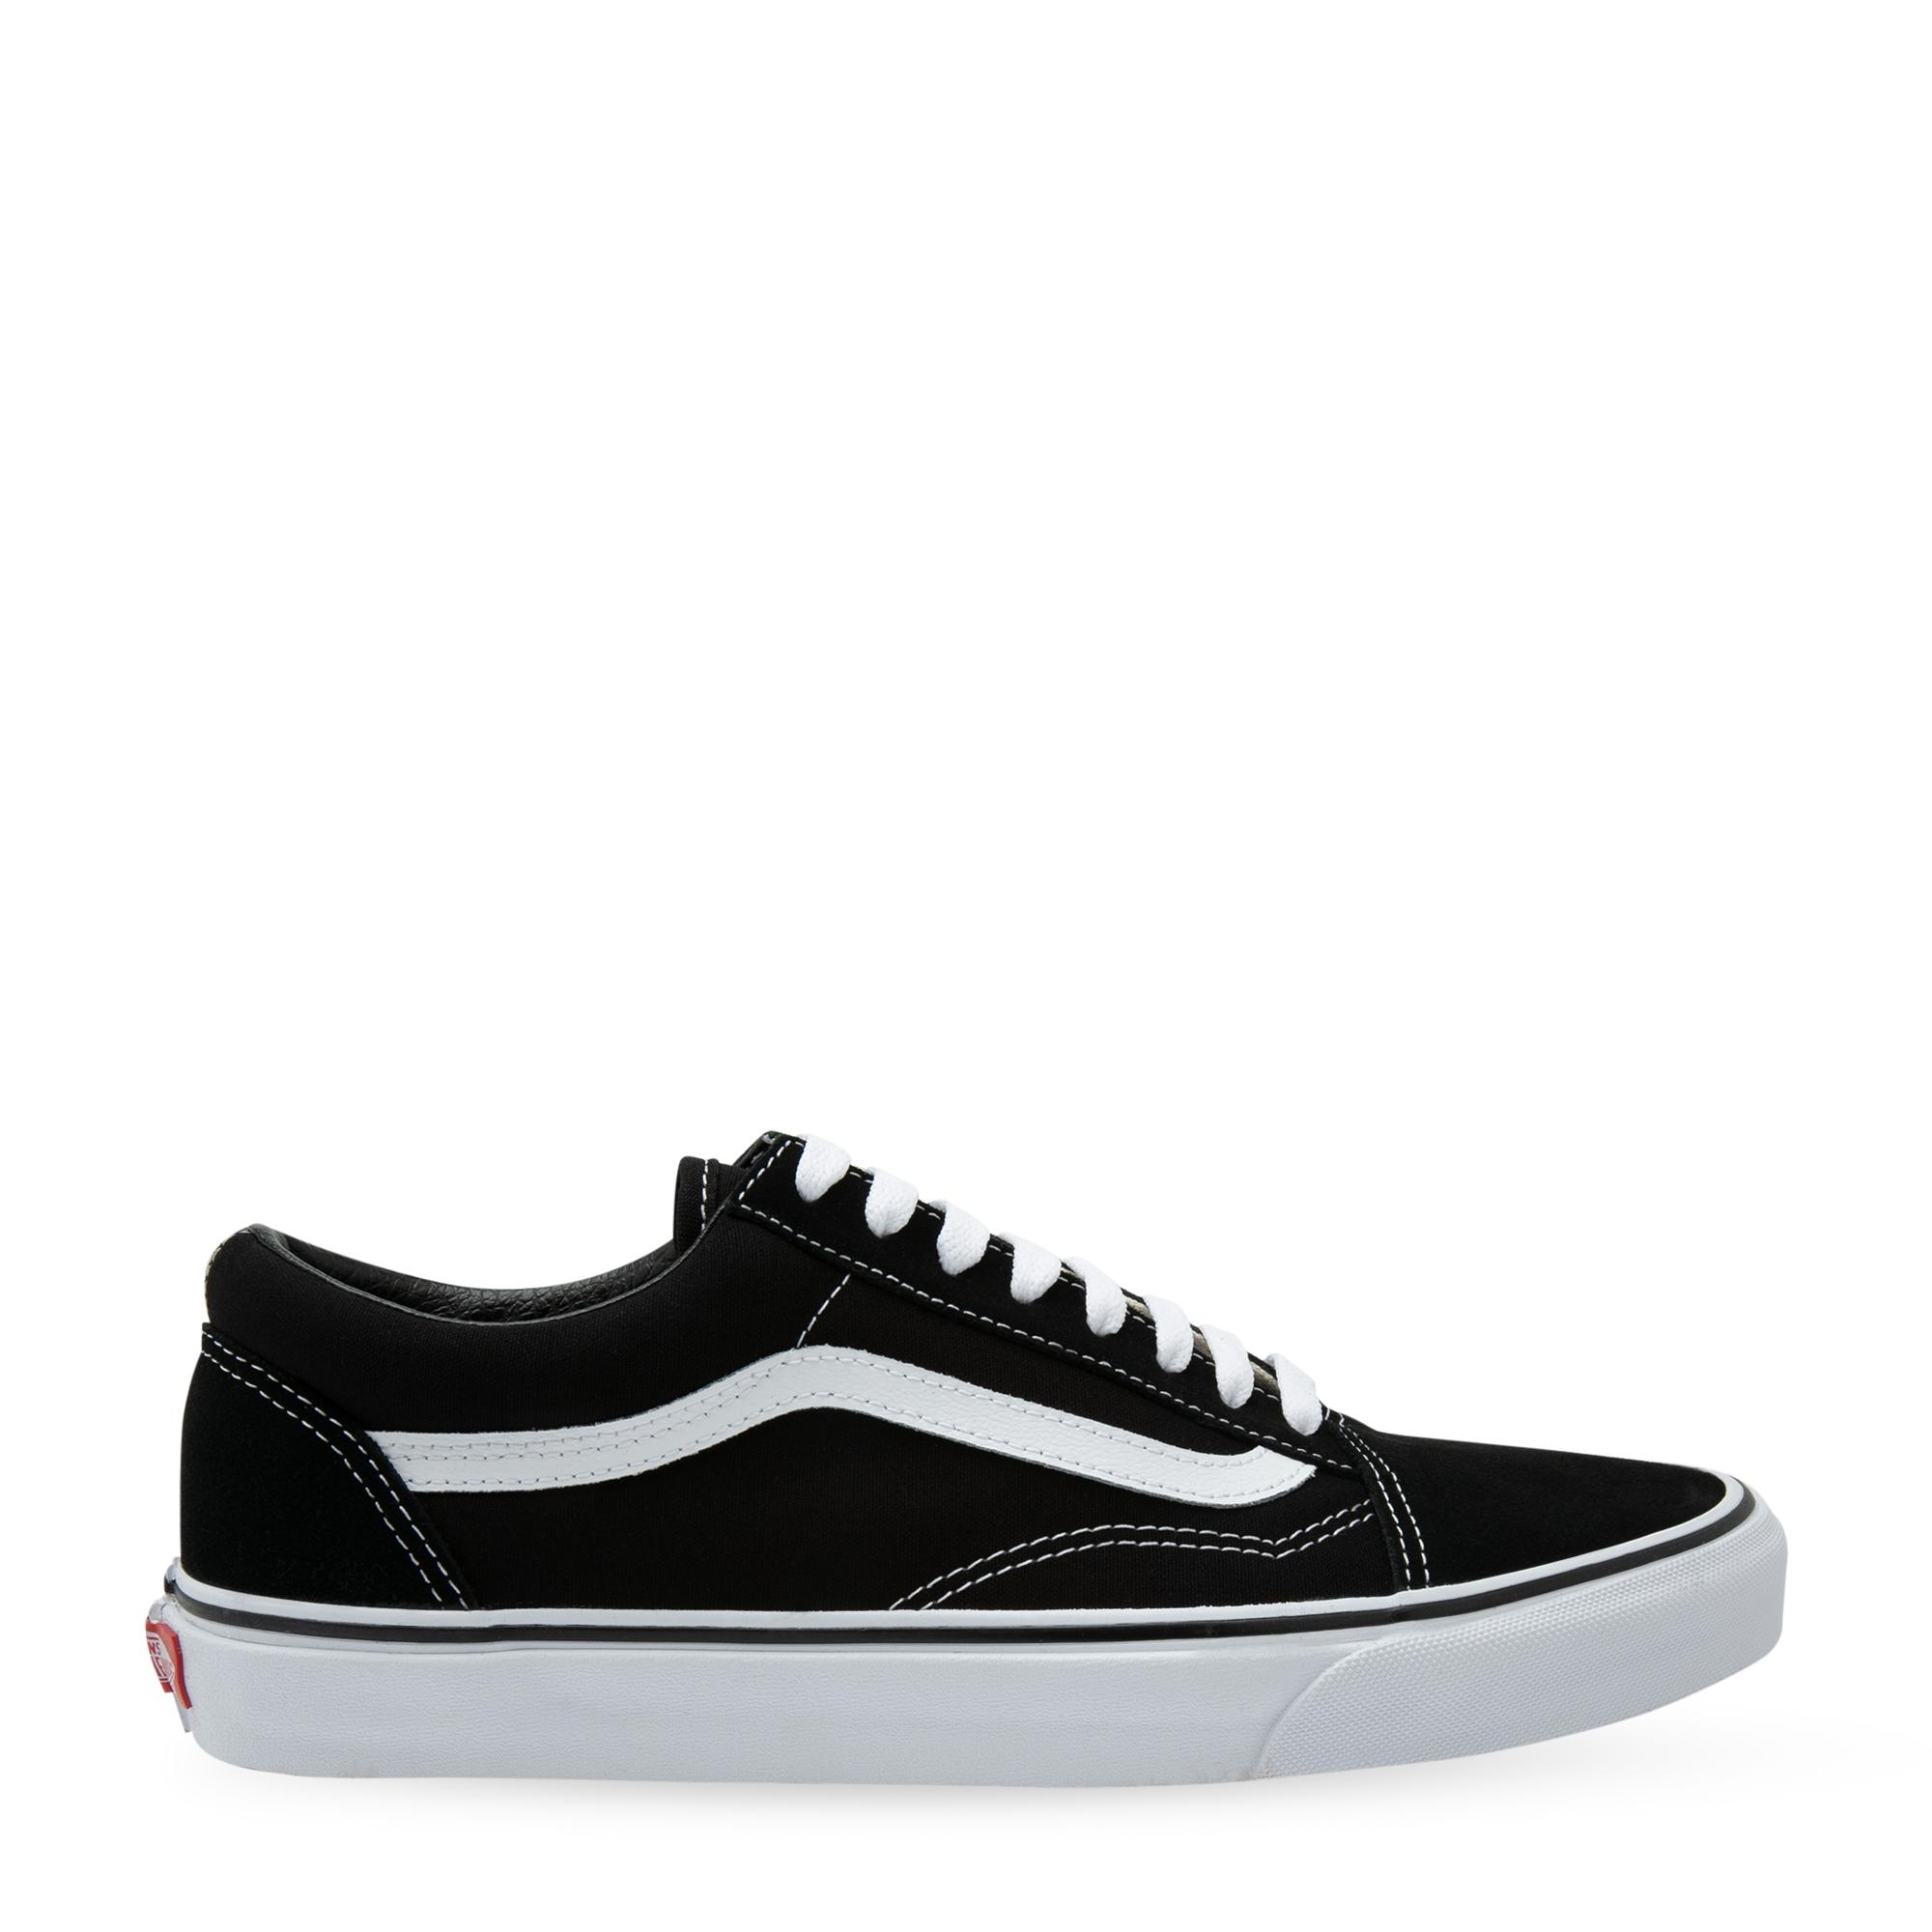 The Old Skool sneakers